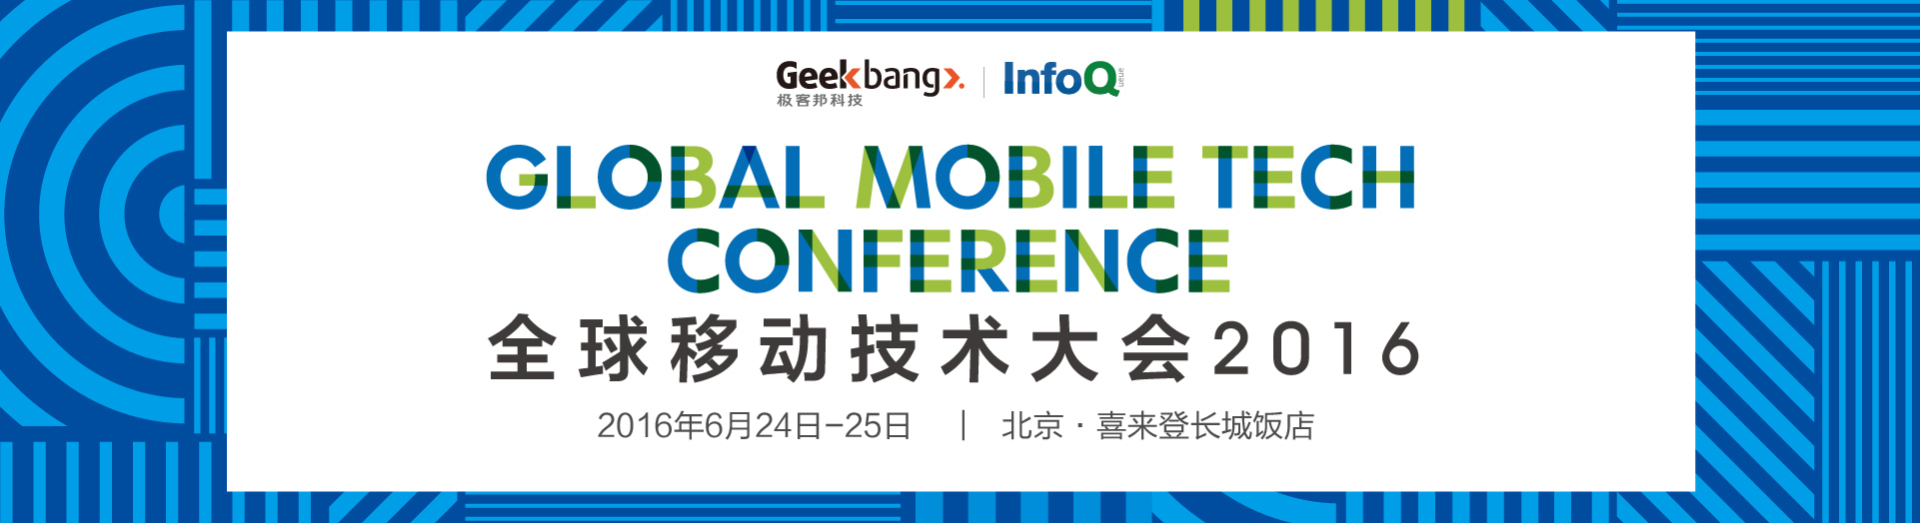 全球移动技术大会